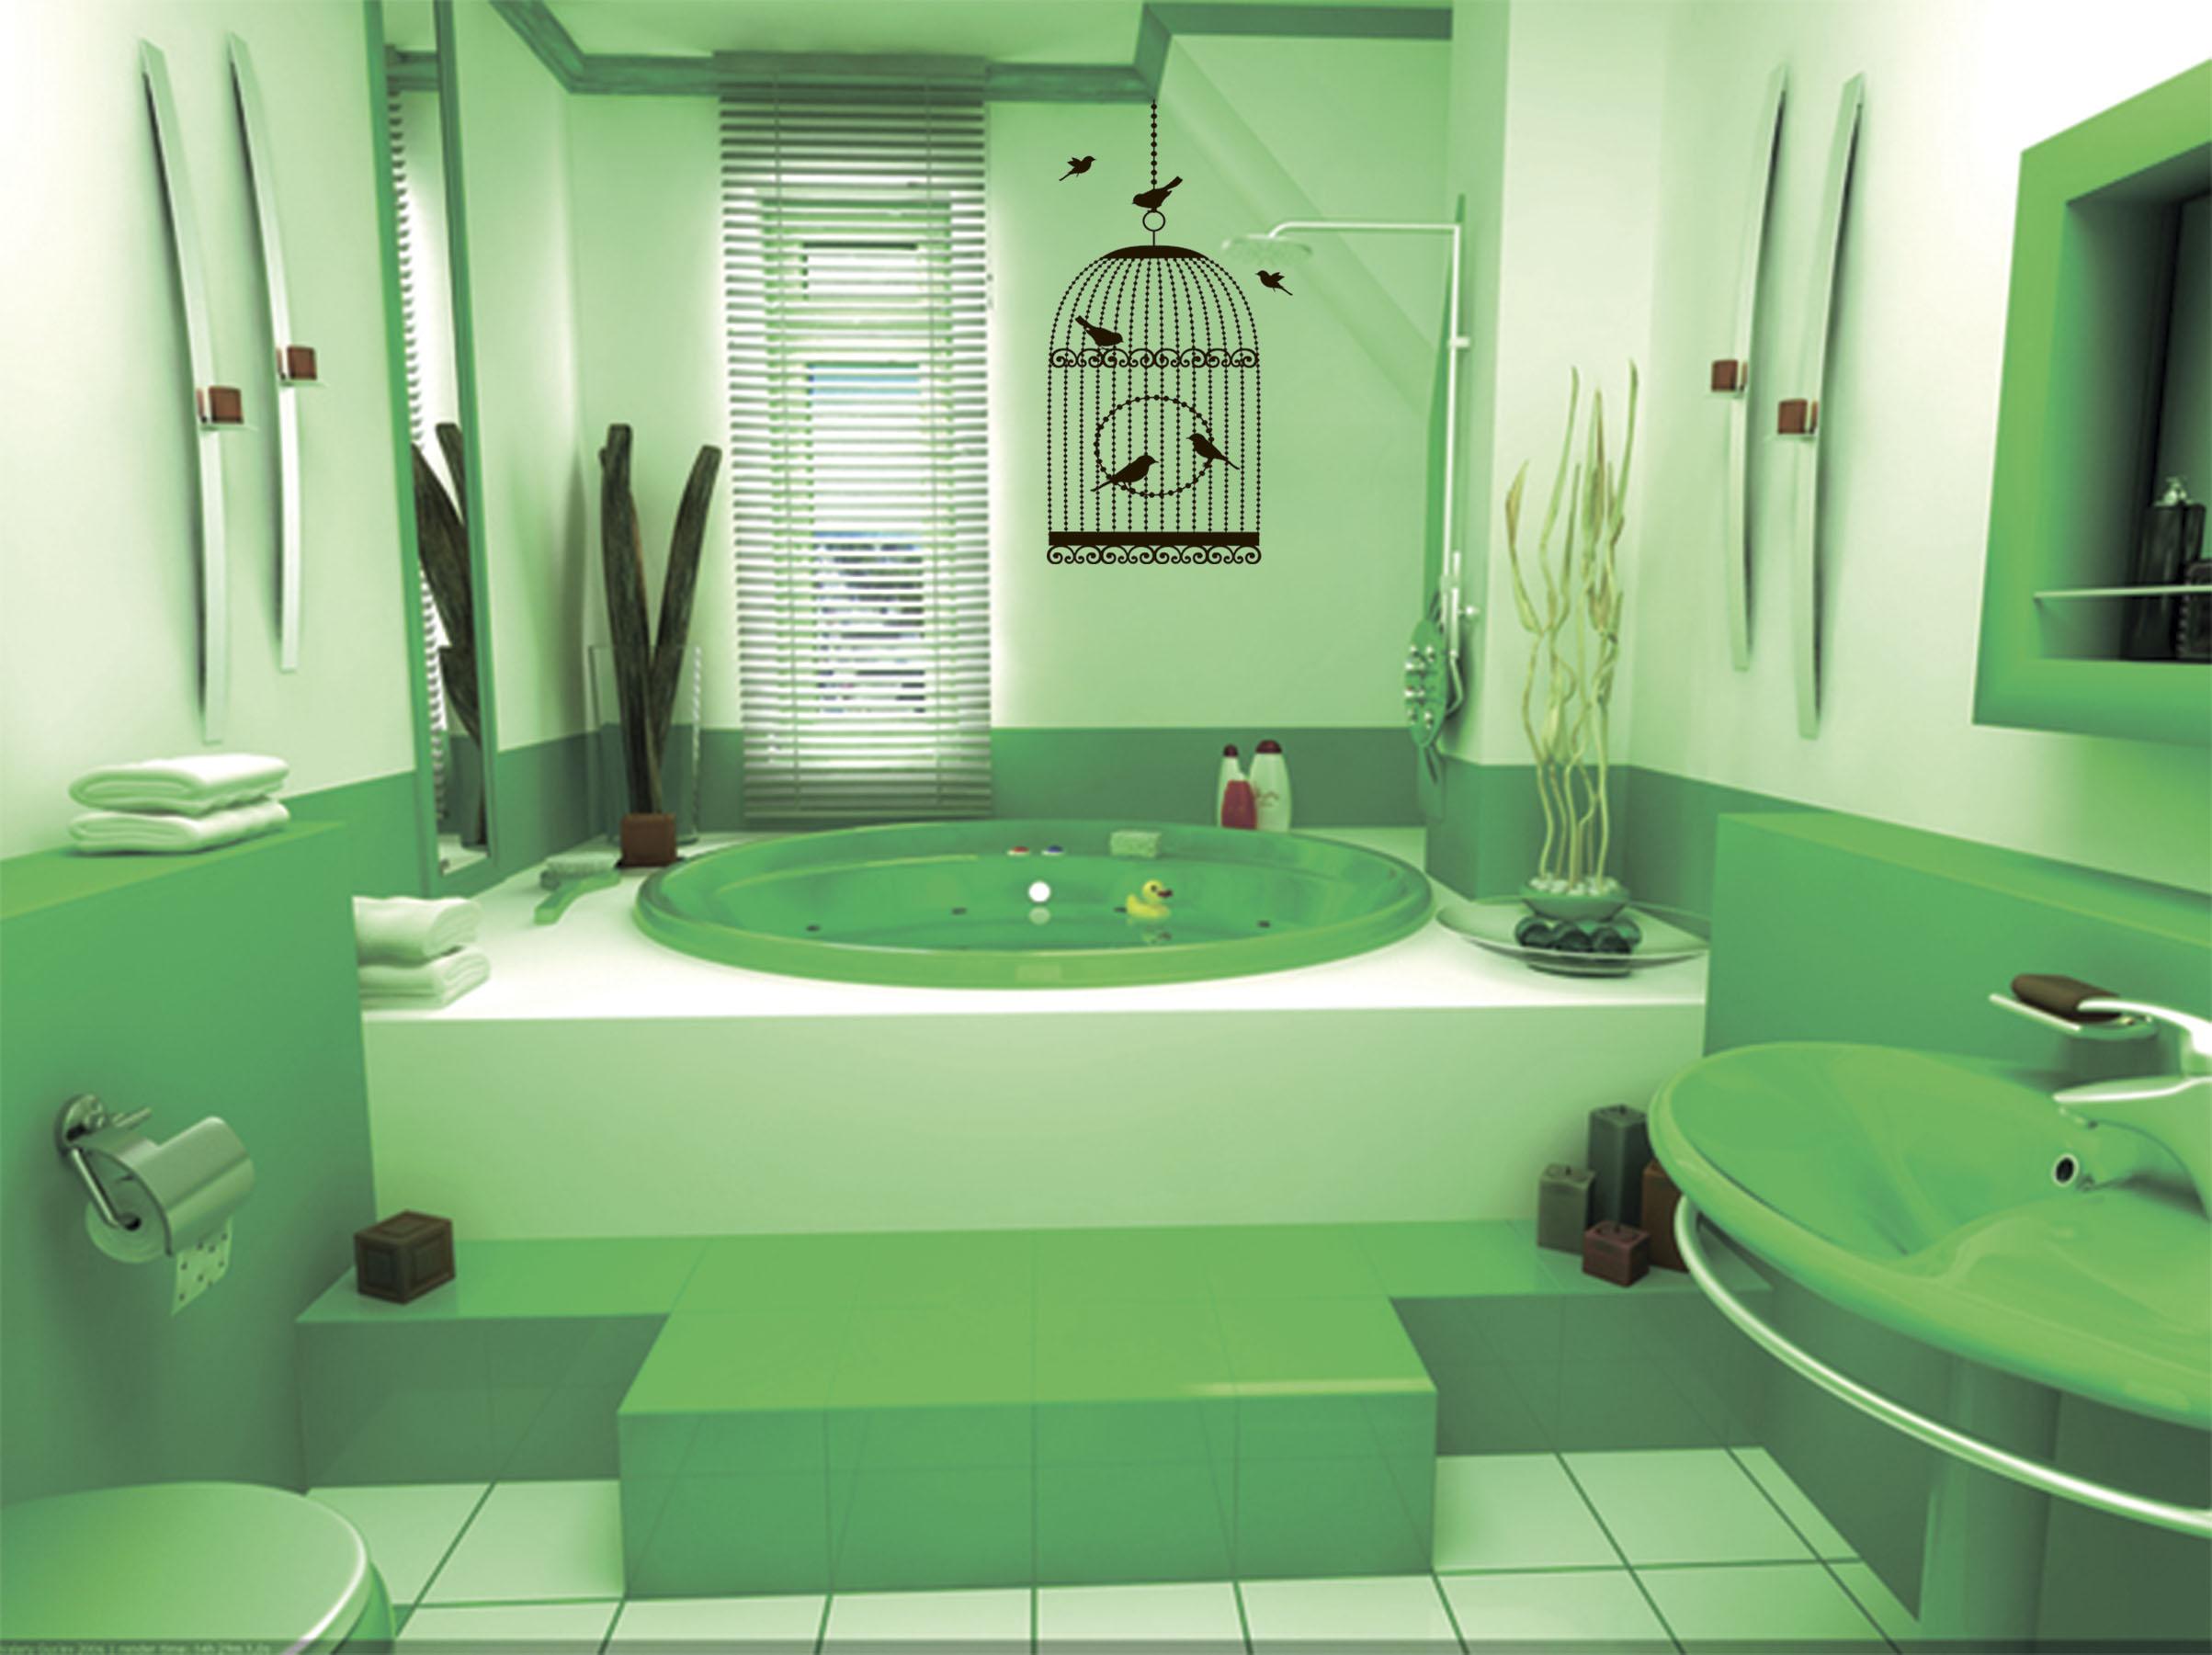 Зеленая ванная комната  № 2278640 без смс